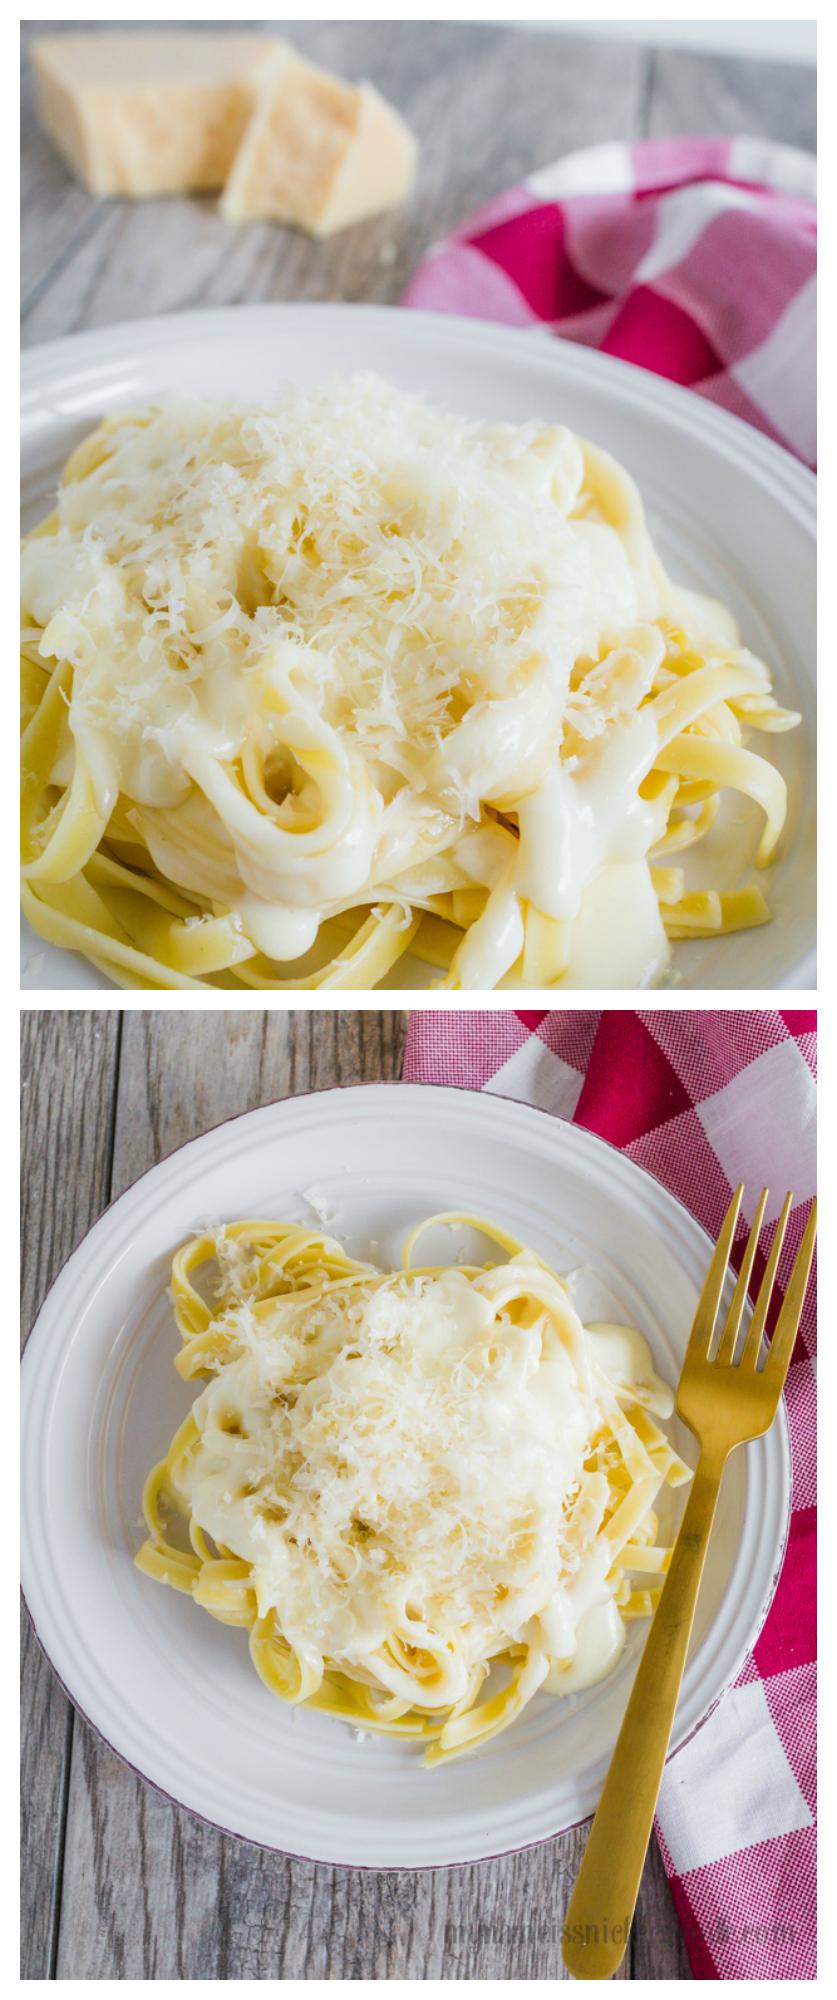 Homemade Alfredo Sauce Recipe | Fettuccine Alfredo - Easy weeknight meal ideas!